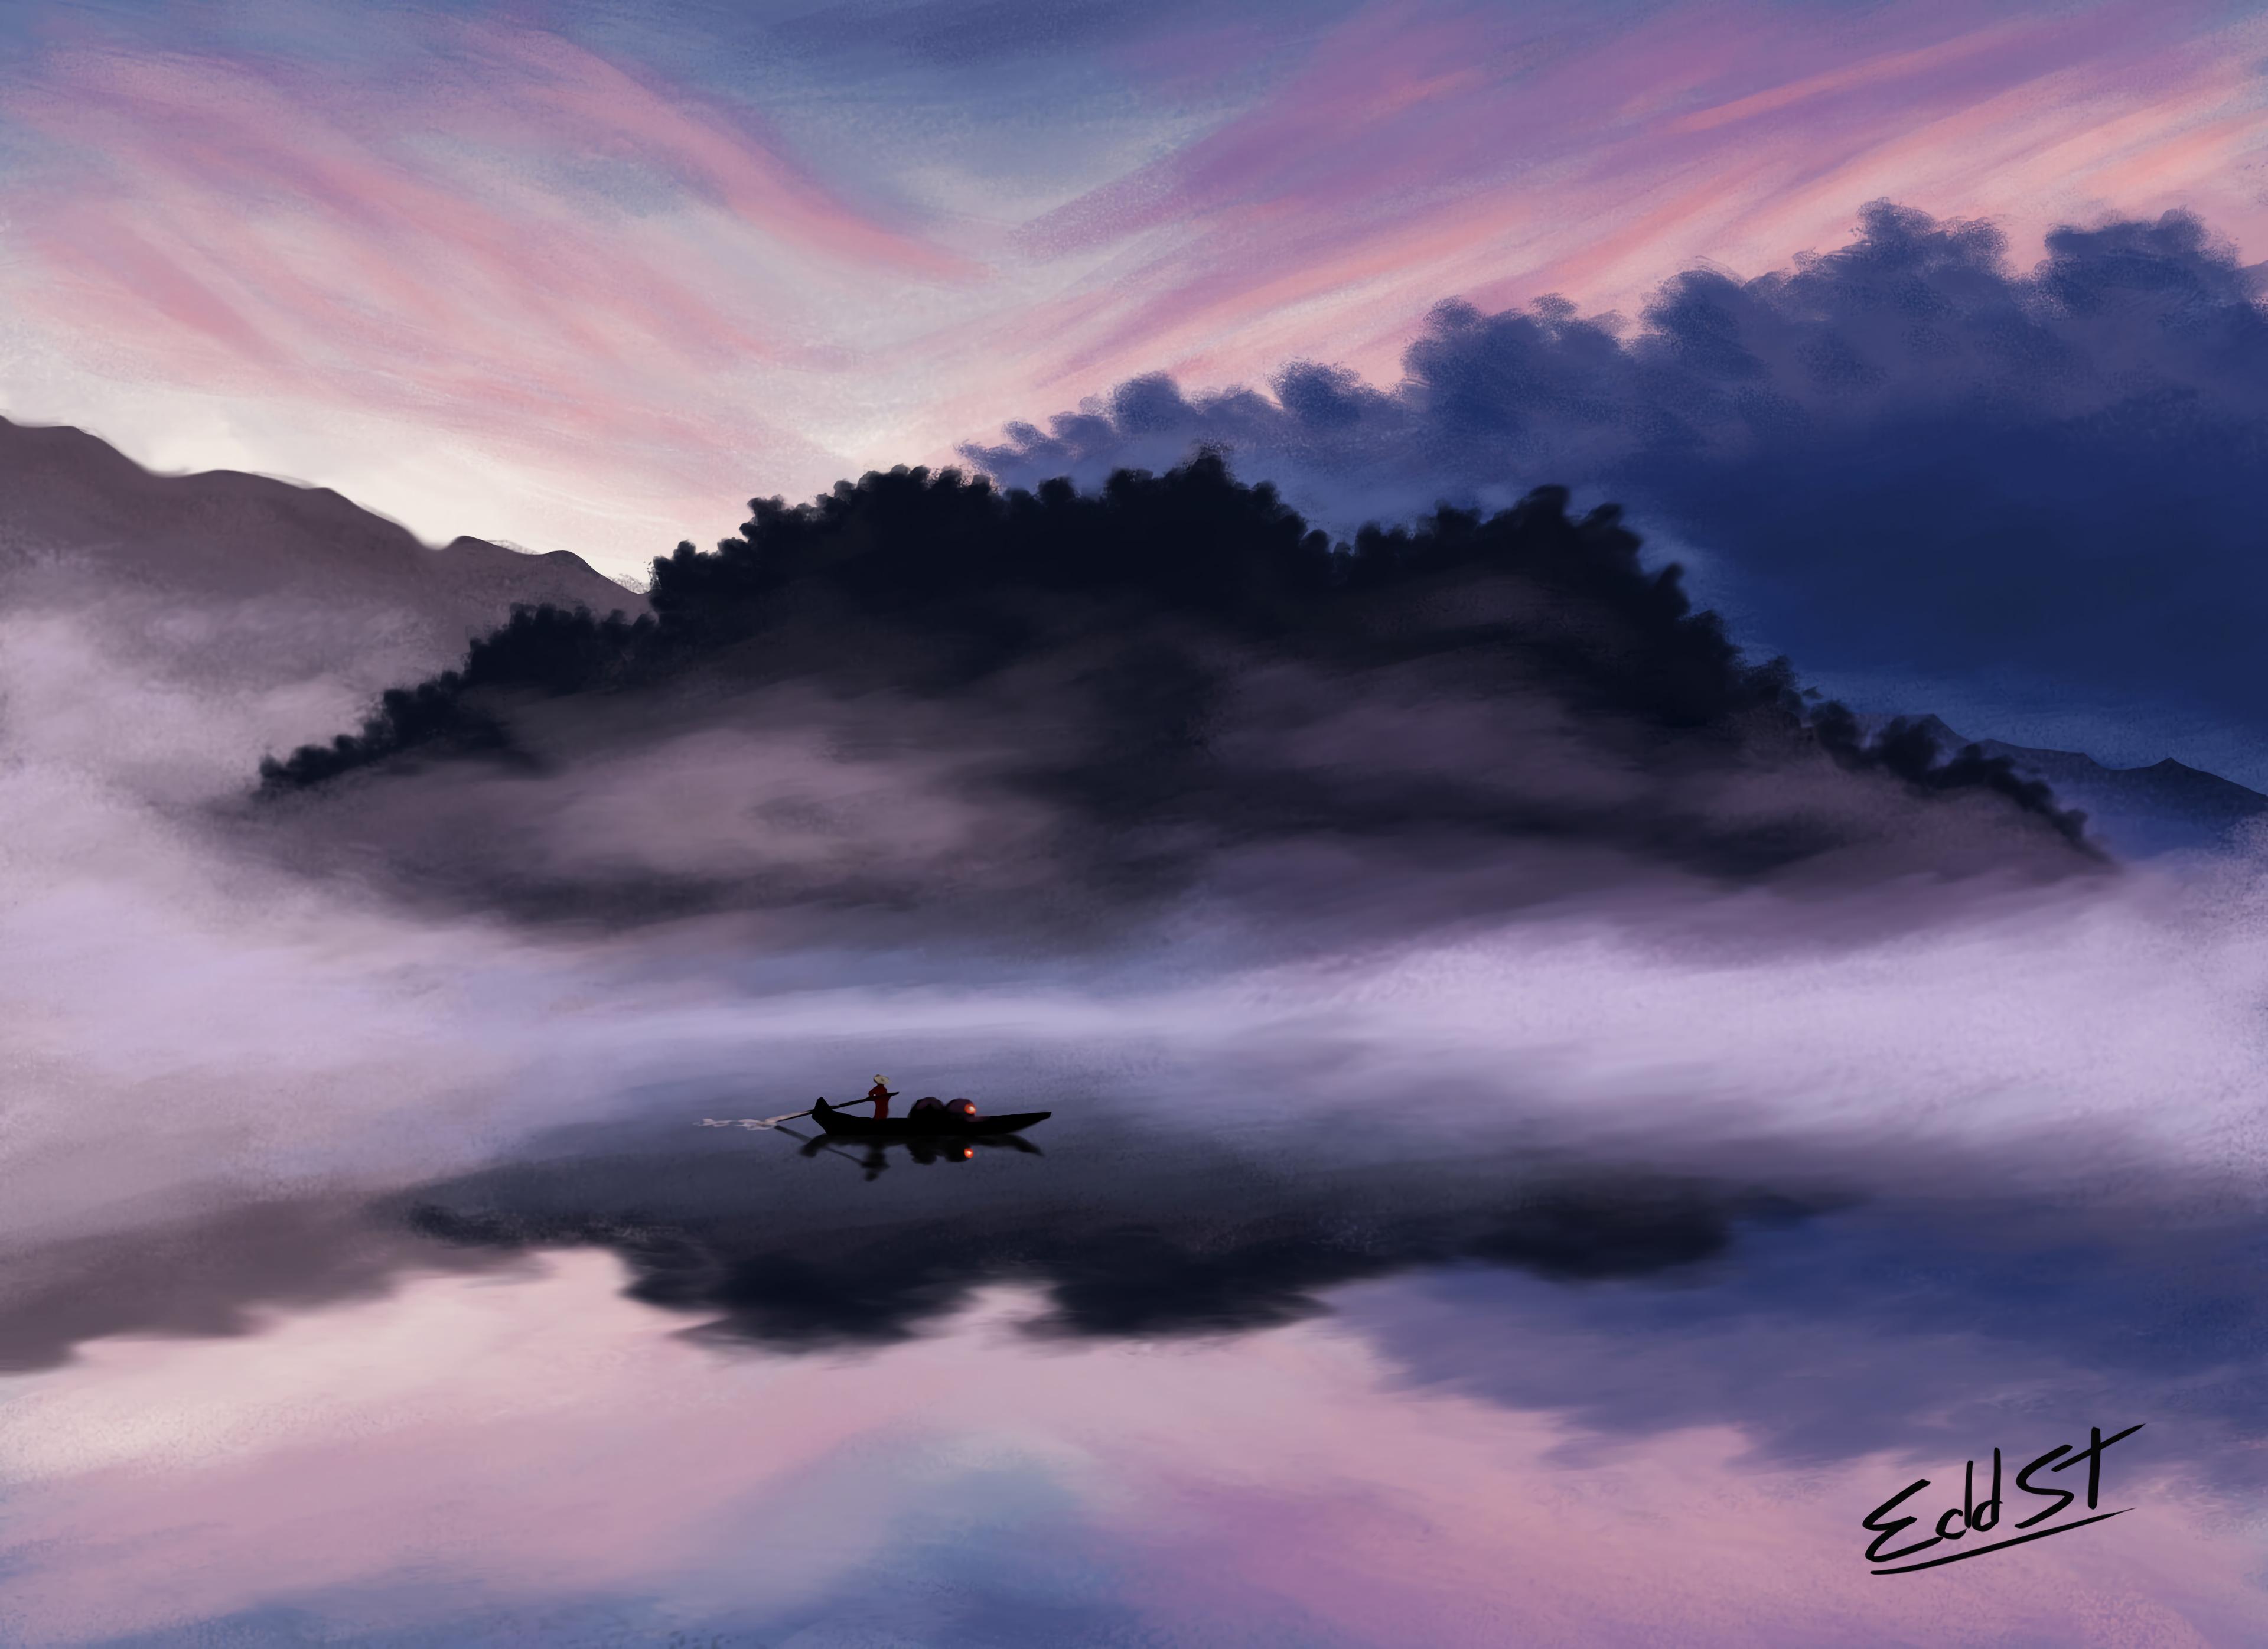 139978 скачать обои Озеро, Лодка, Человек, Сумерки, Арт - заставки и картинки бесплатно